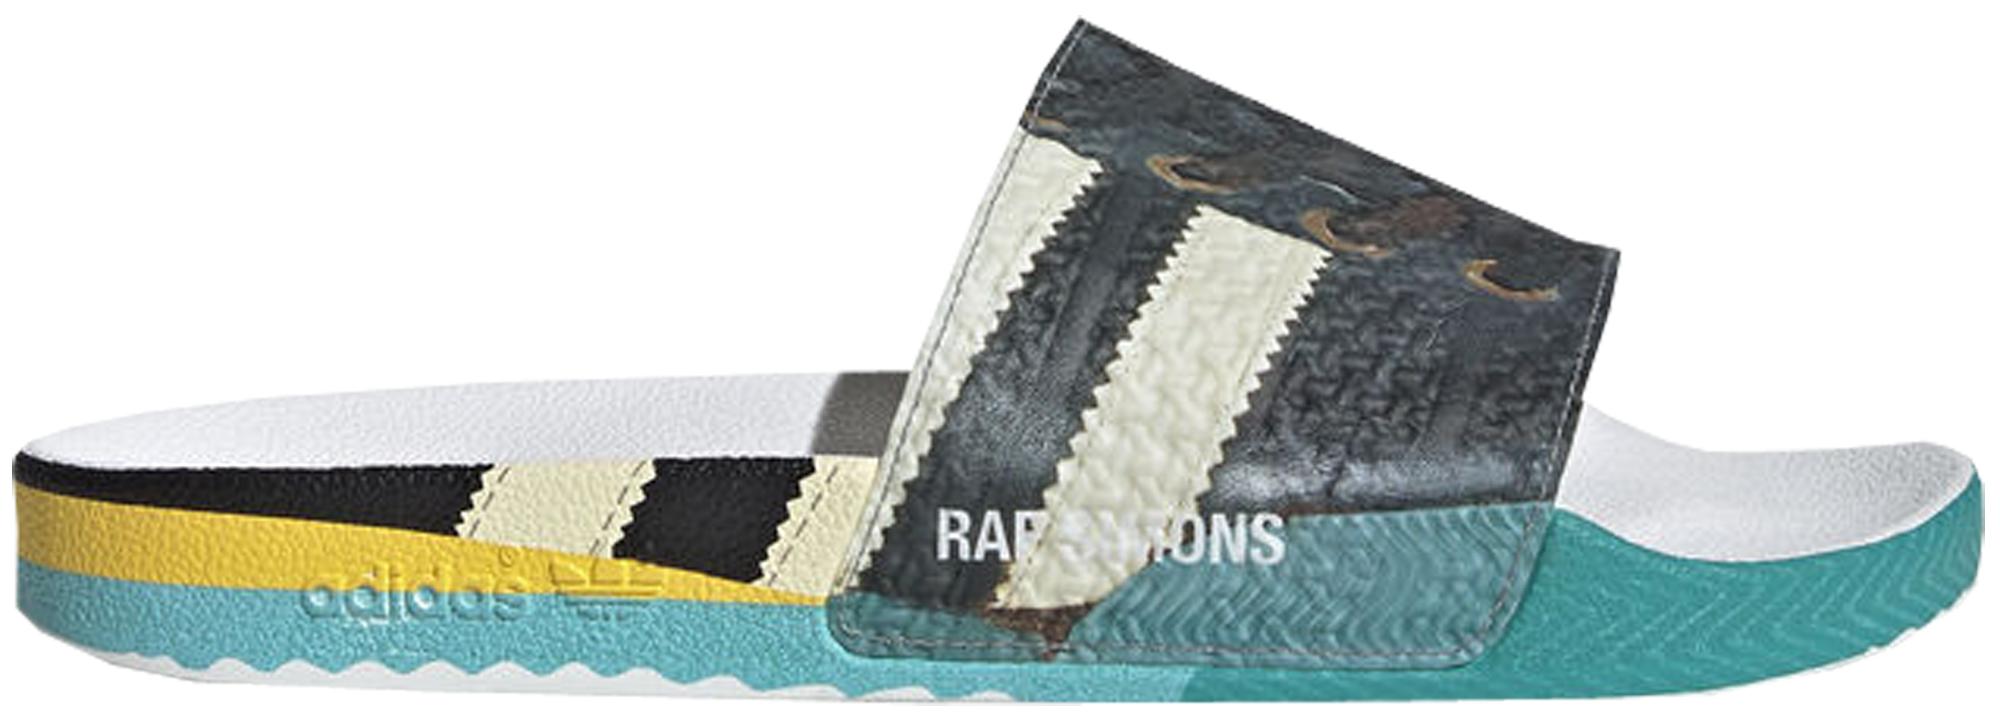 adidas Samba Adilette Raf Simons - EE7959